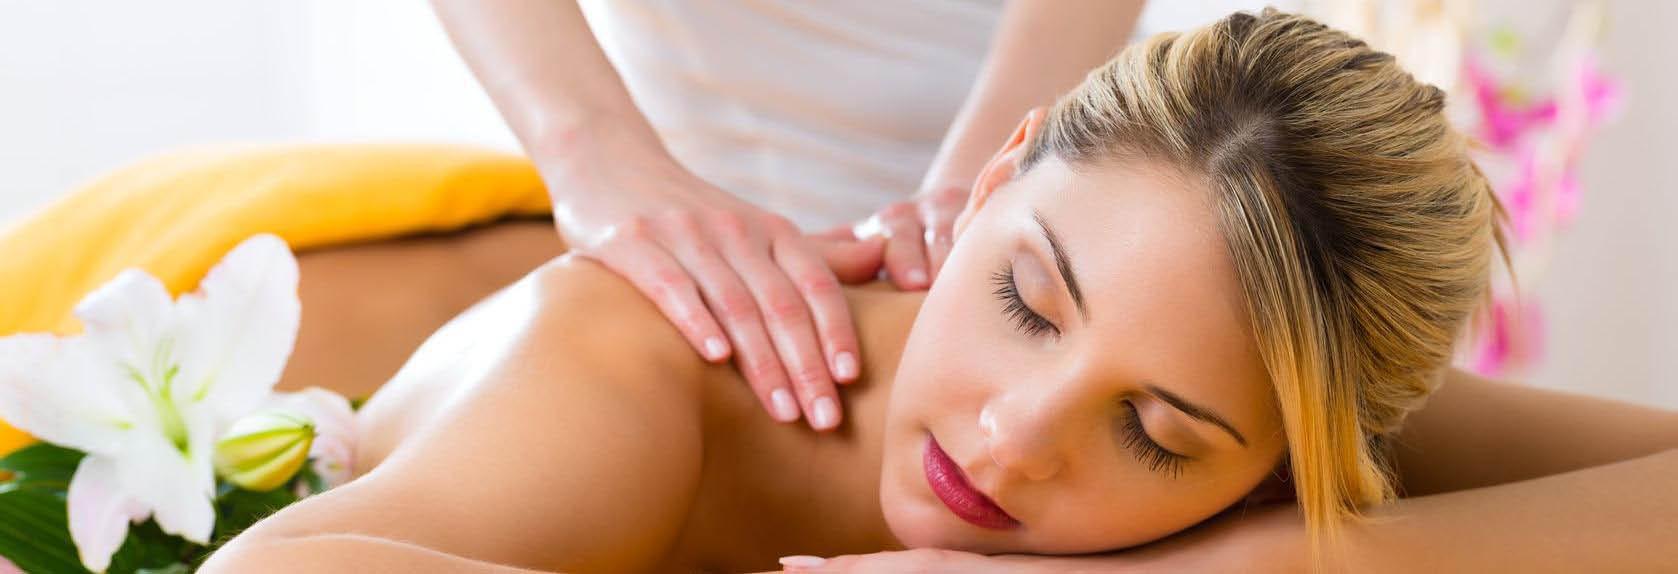 save on massage massage coupon near me massages foot massage body massage relaxation massage